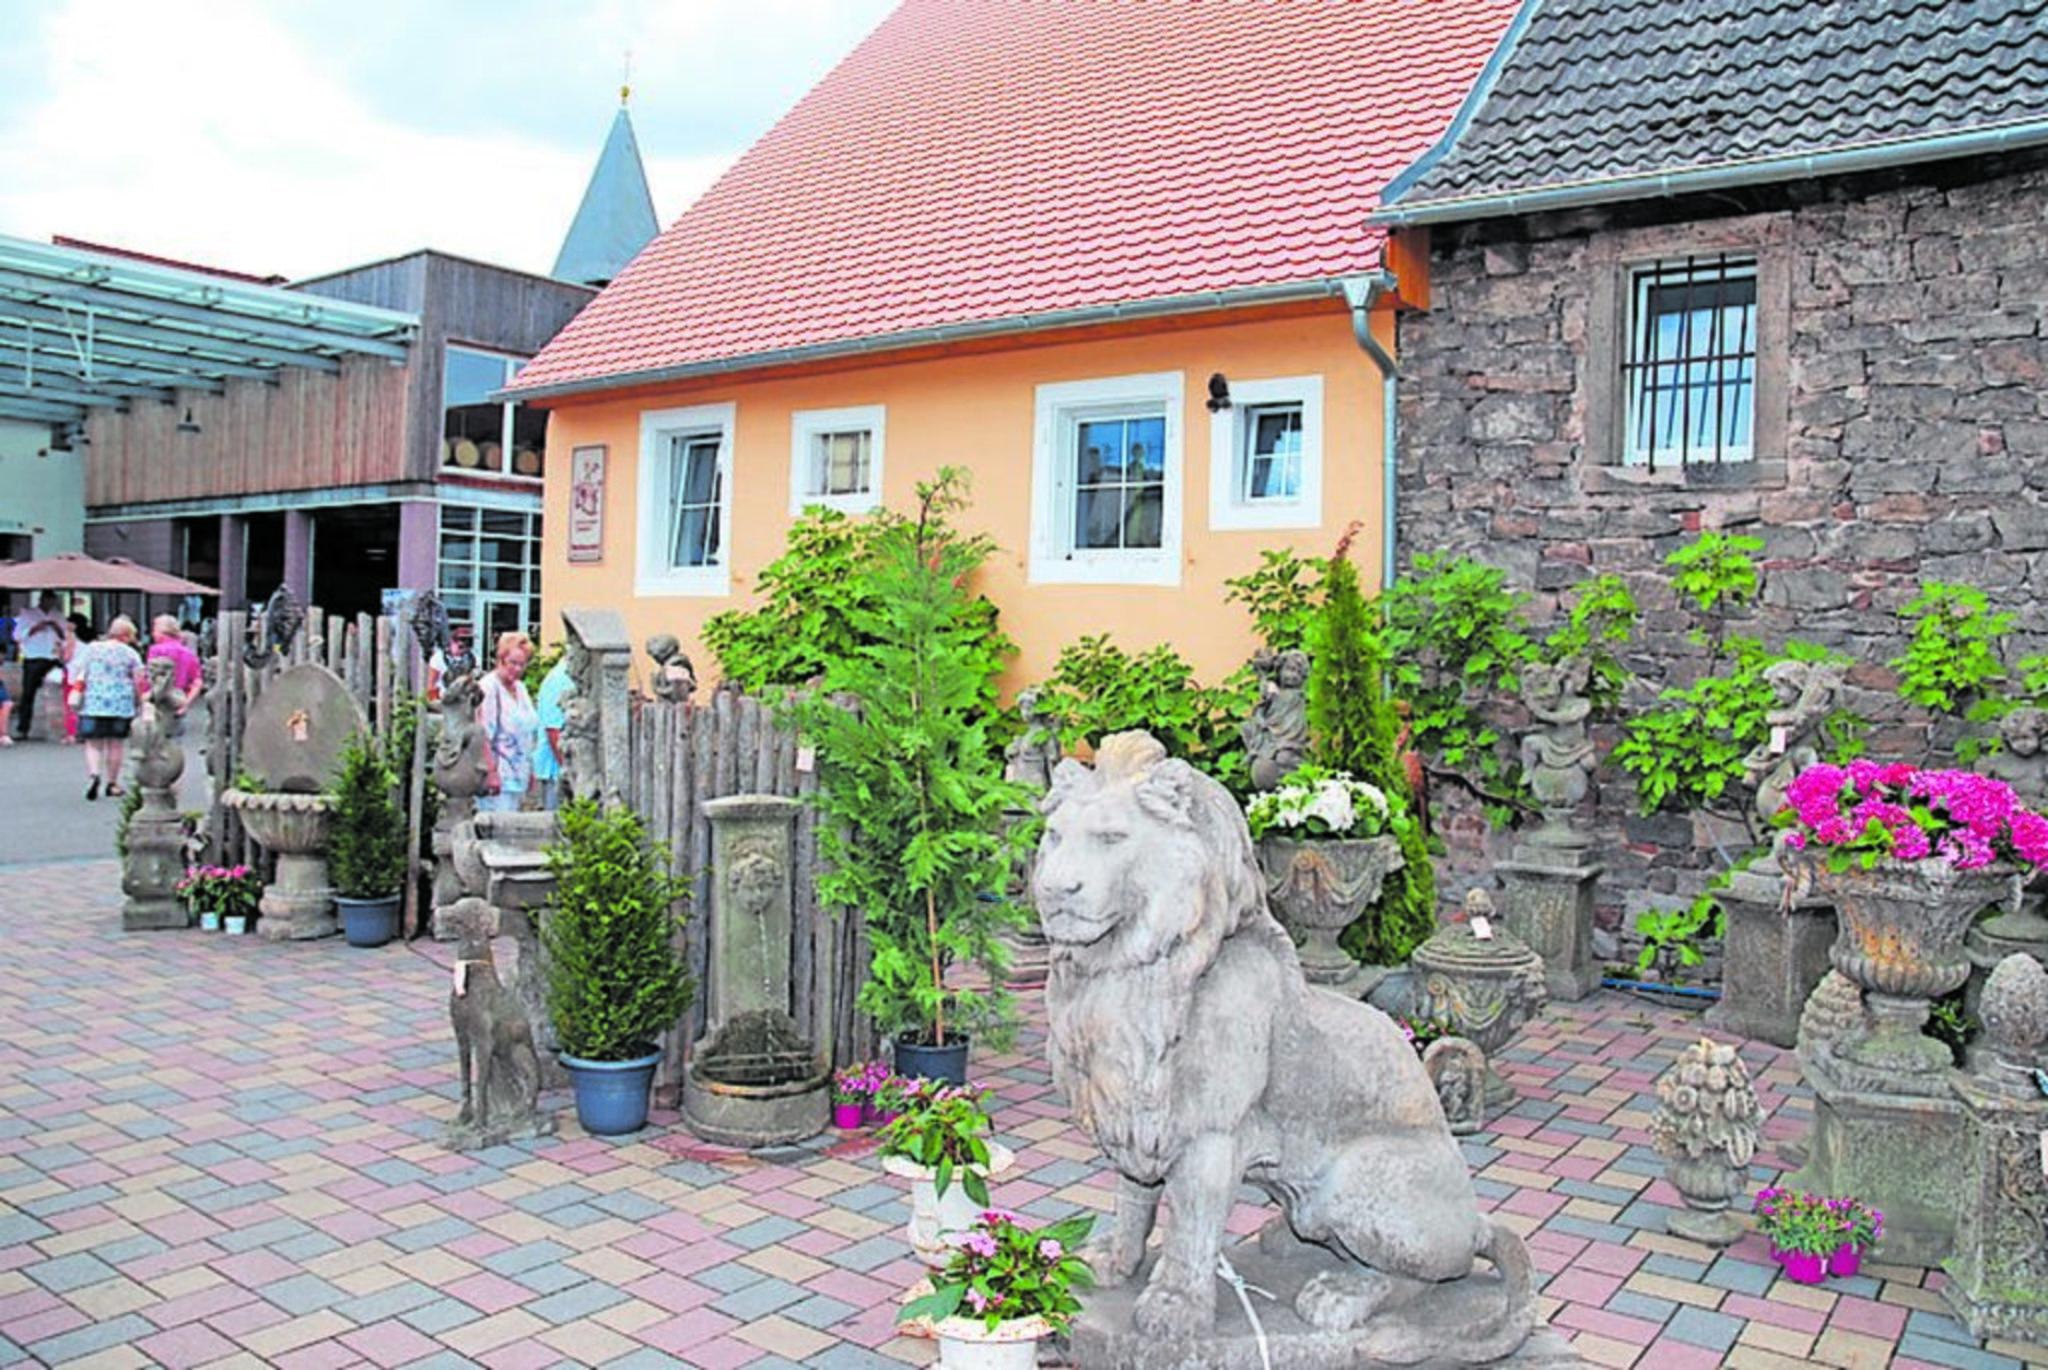 Lifestyle-Ausstellung mit Trends und Exquisitem im Herrenhof Mußbach ...